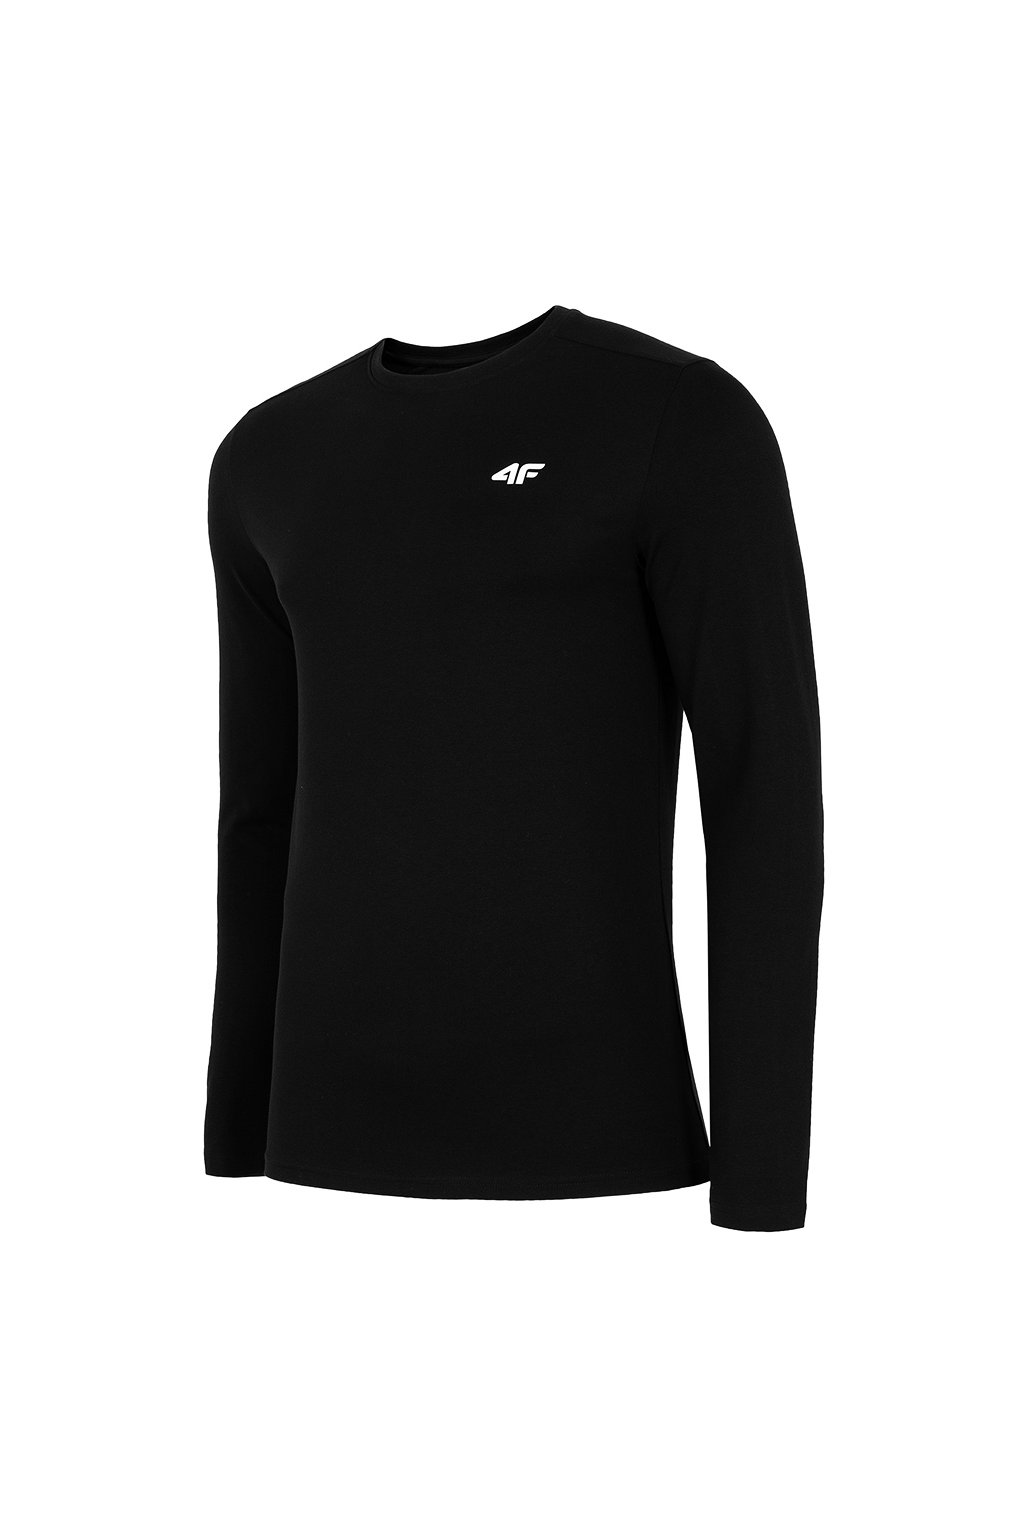 Pánske tričko 4F čierne NOSH4 TSML001 20S